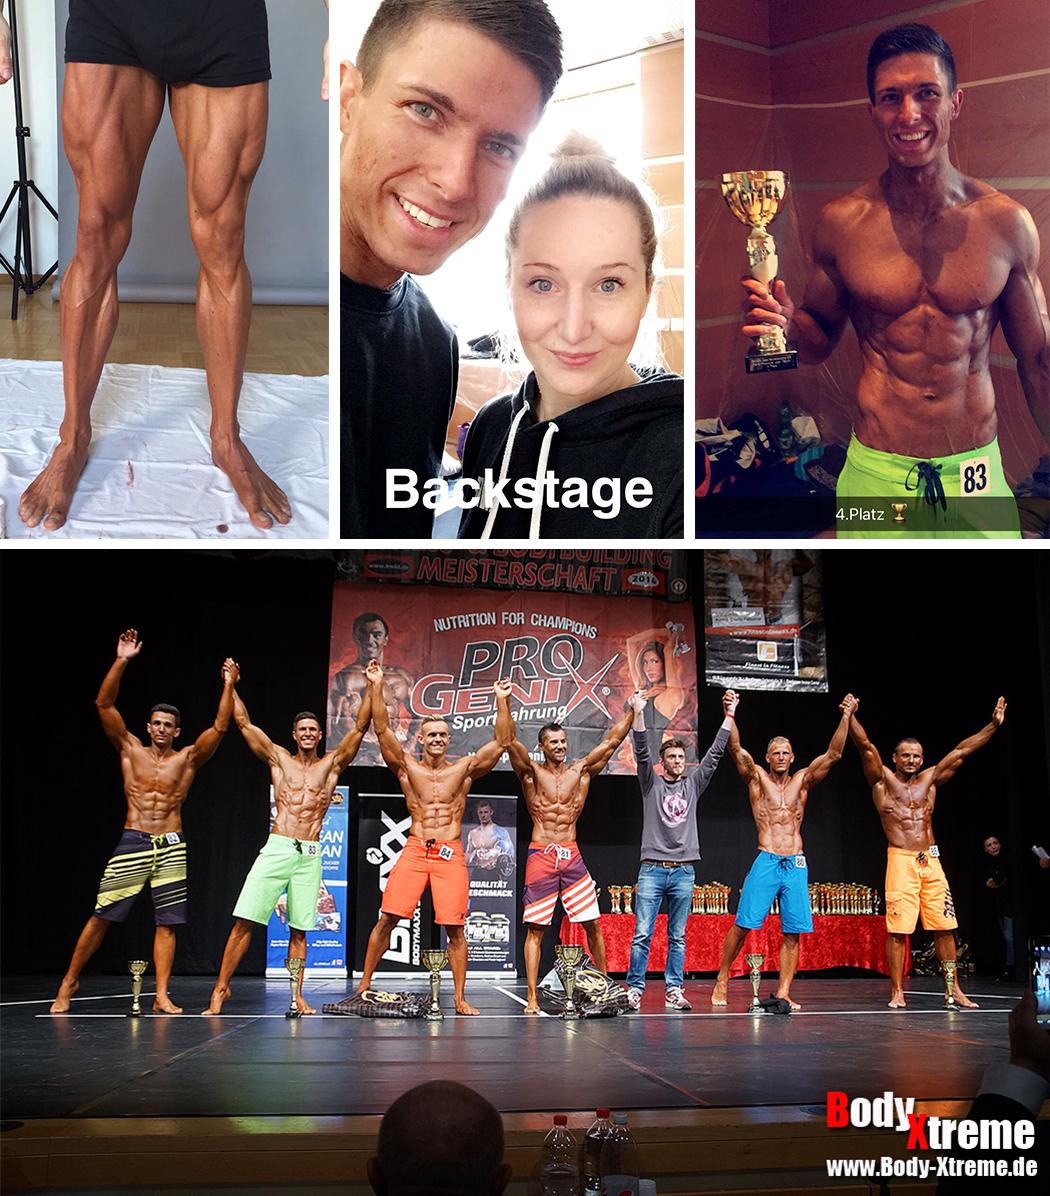 fitnessblog-fitnessblogger-fitness-blog-blogger-stuttgart-dreamteamfitness-unser-jahr-2016_4